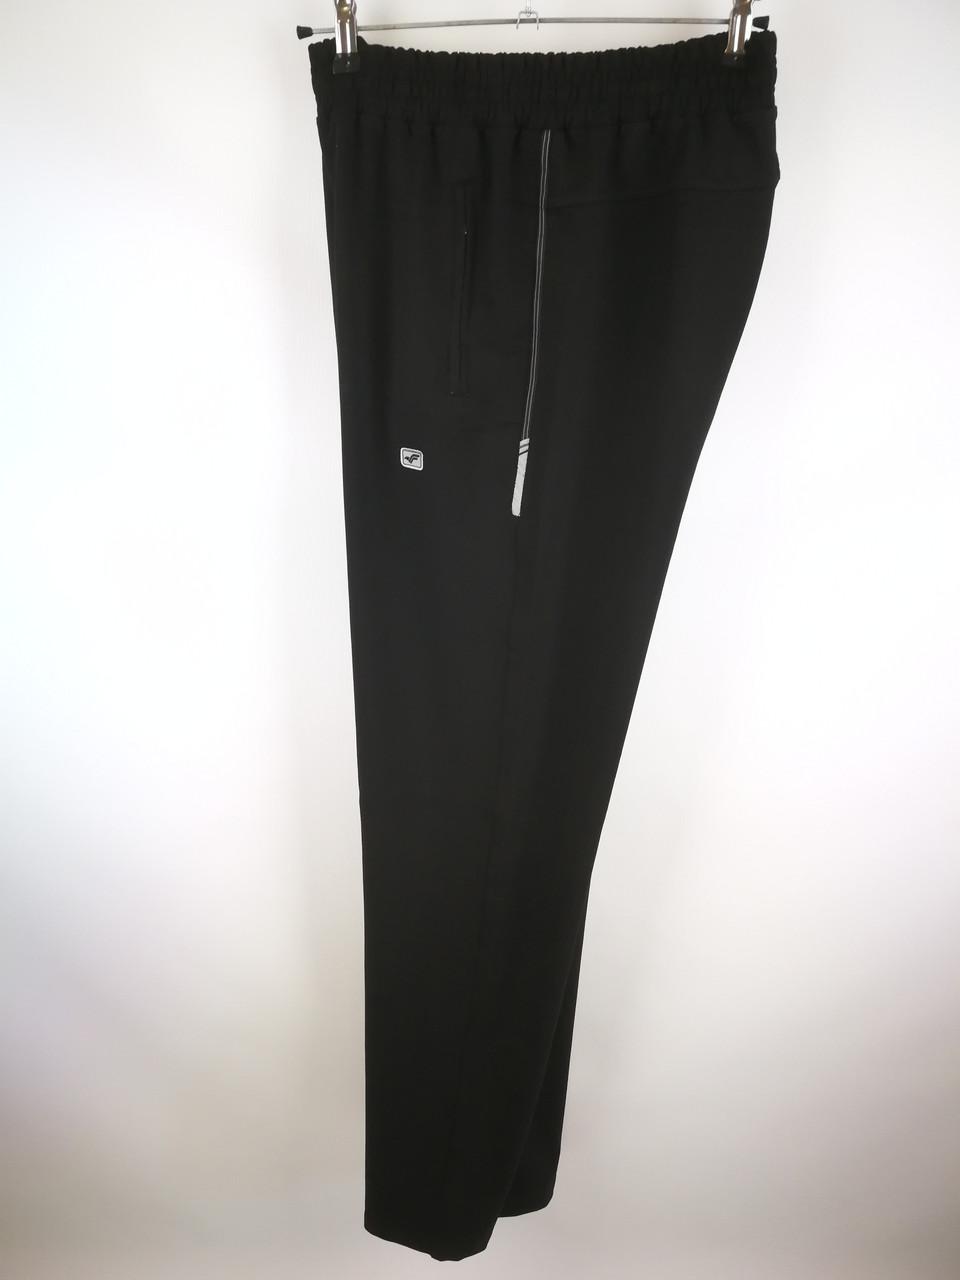 Мужские спортивные штаны  большог размера